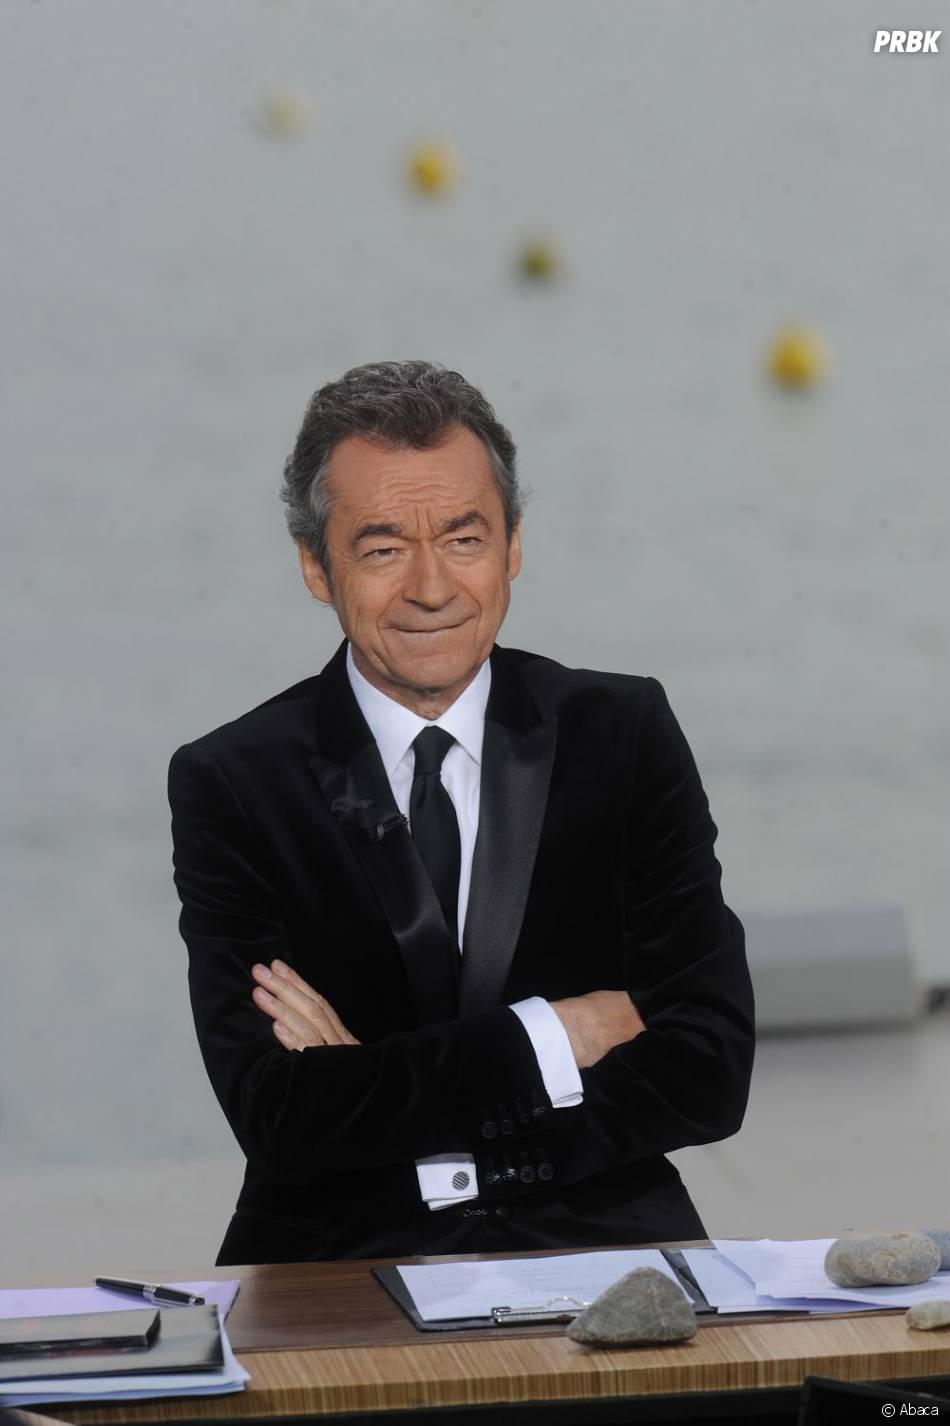 Le Grand Journal : Michel Denisot sera remplacé par Antoine de Caunes